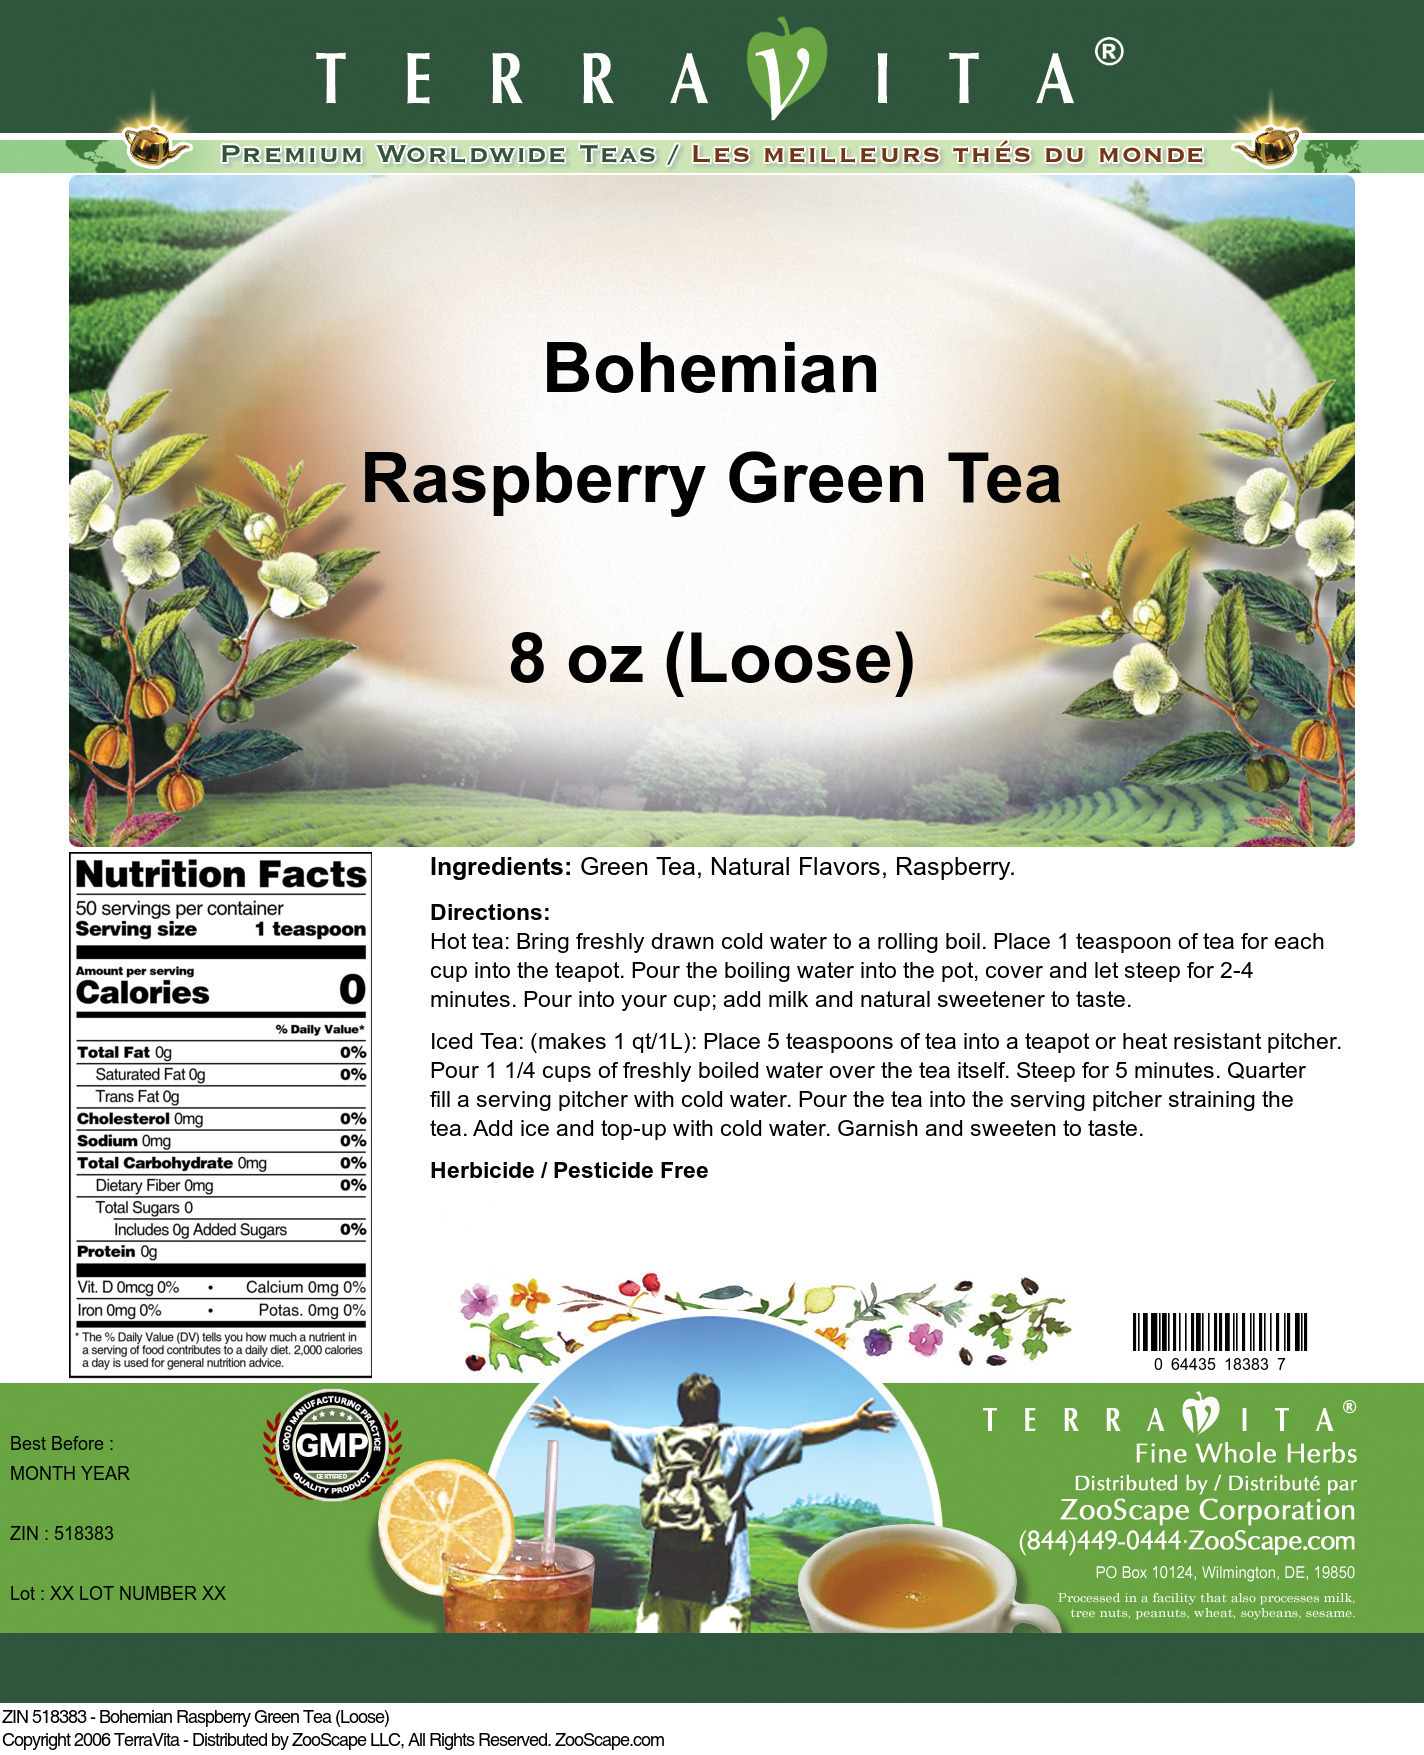 Bohemian Raspberry Green Tea